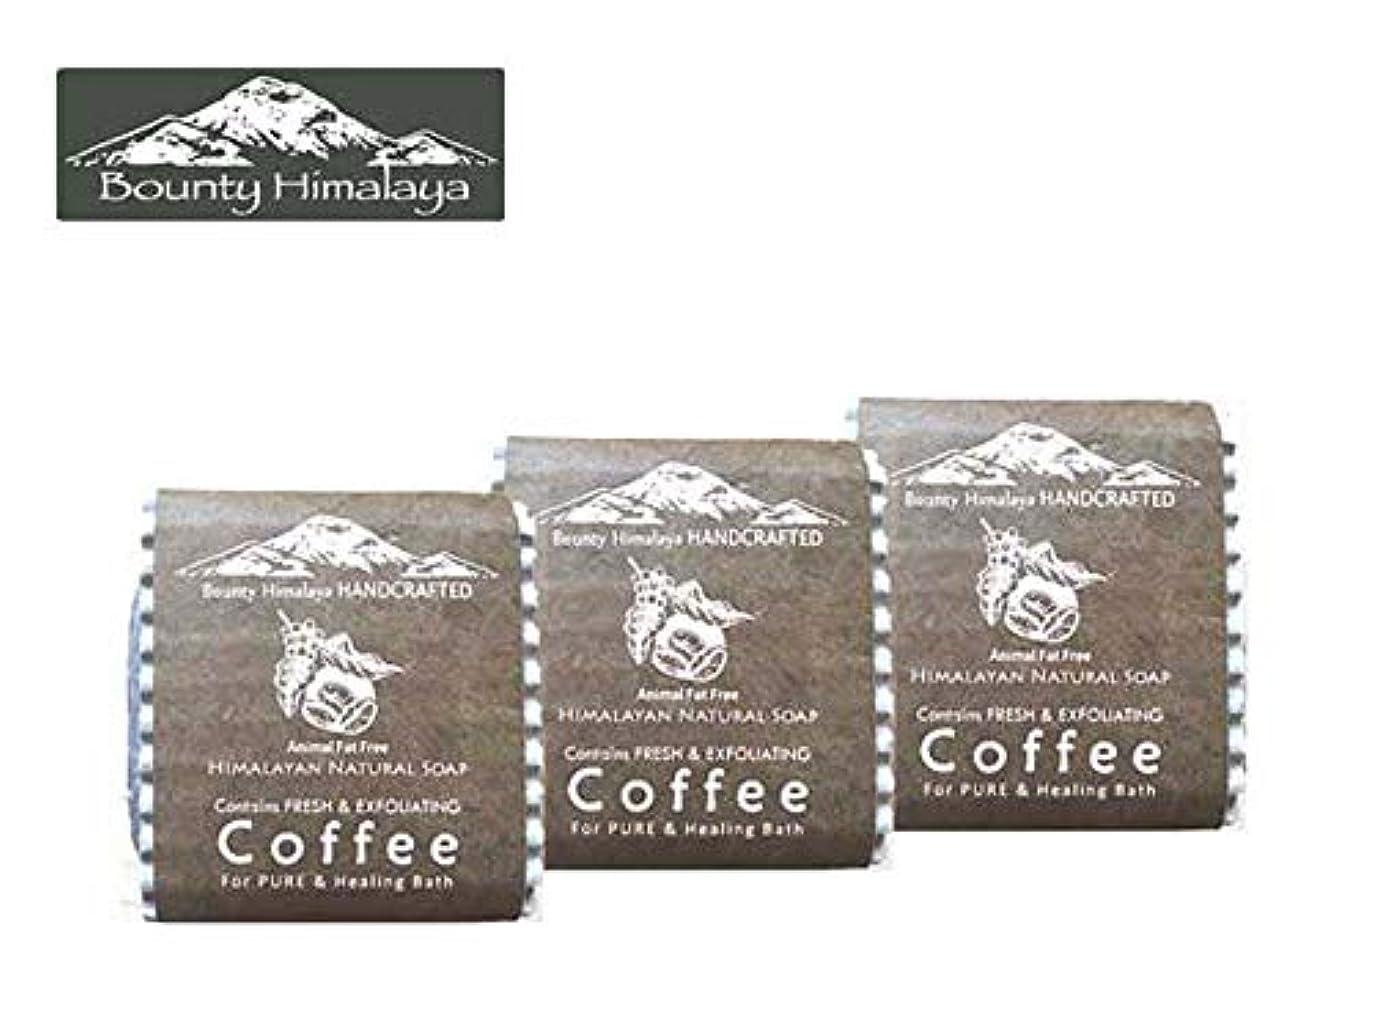 ストレージ居眠りするポーターアーユルヴェーダ ヒマラヤ コーヒー ソープ3セット Bounty Himalaya Coffee SOAP(NEPAL AYURVEDA) 100g